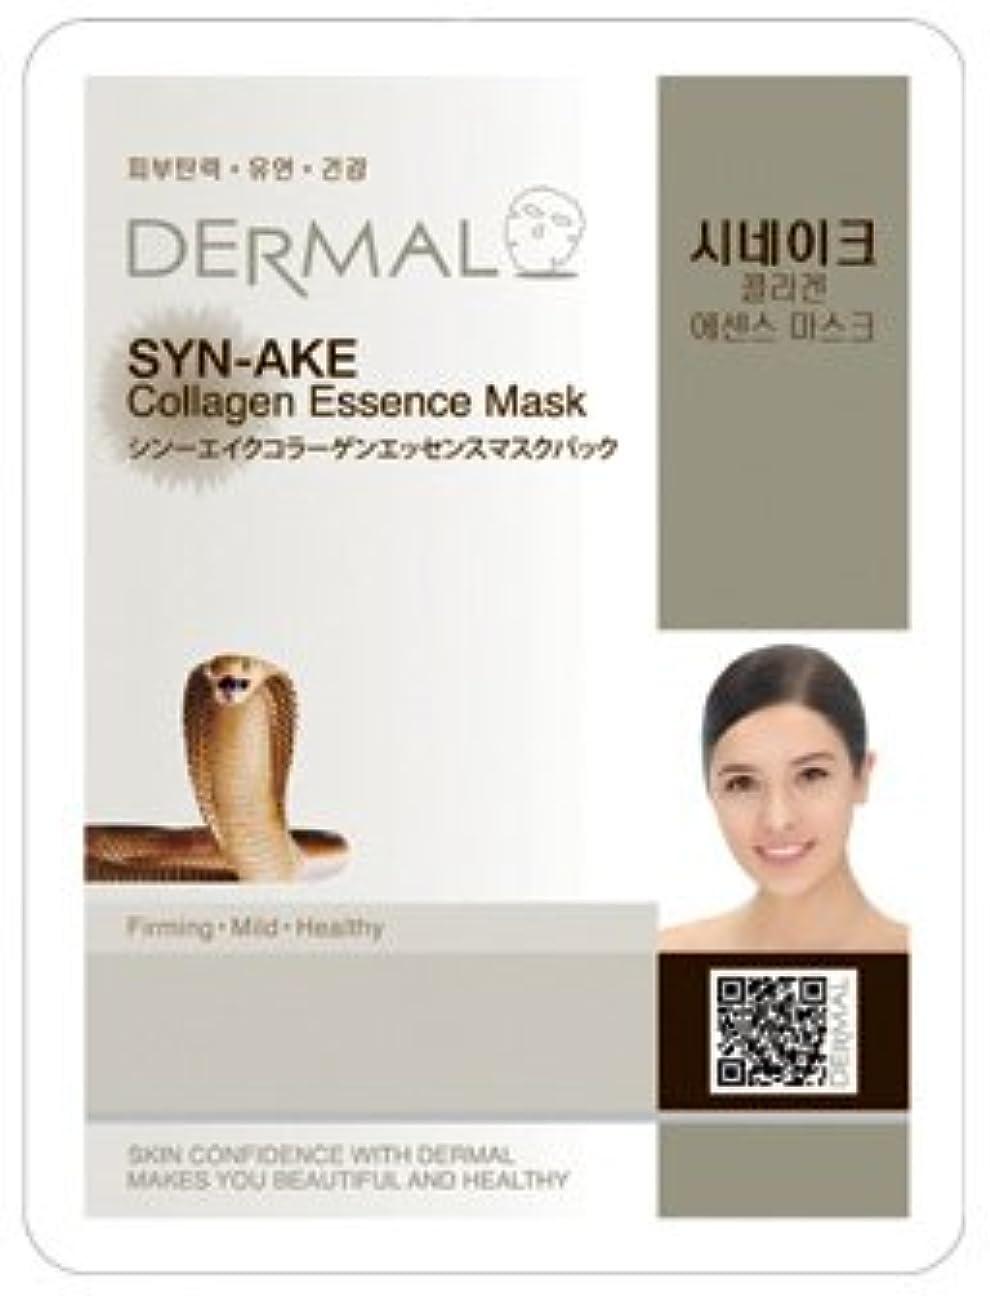 筋承認する荒らす蛇毒シートマスク(フェイスパック) シンエイク 10枚セット ダーマル(Dermal)